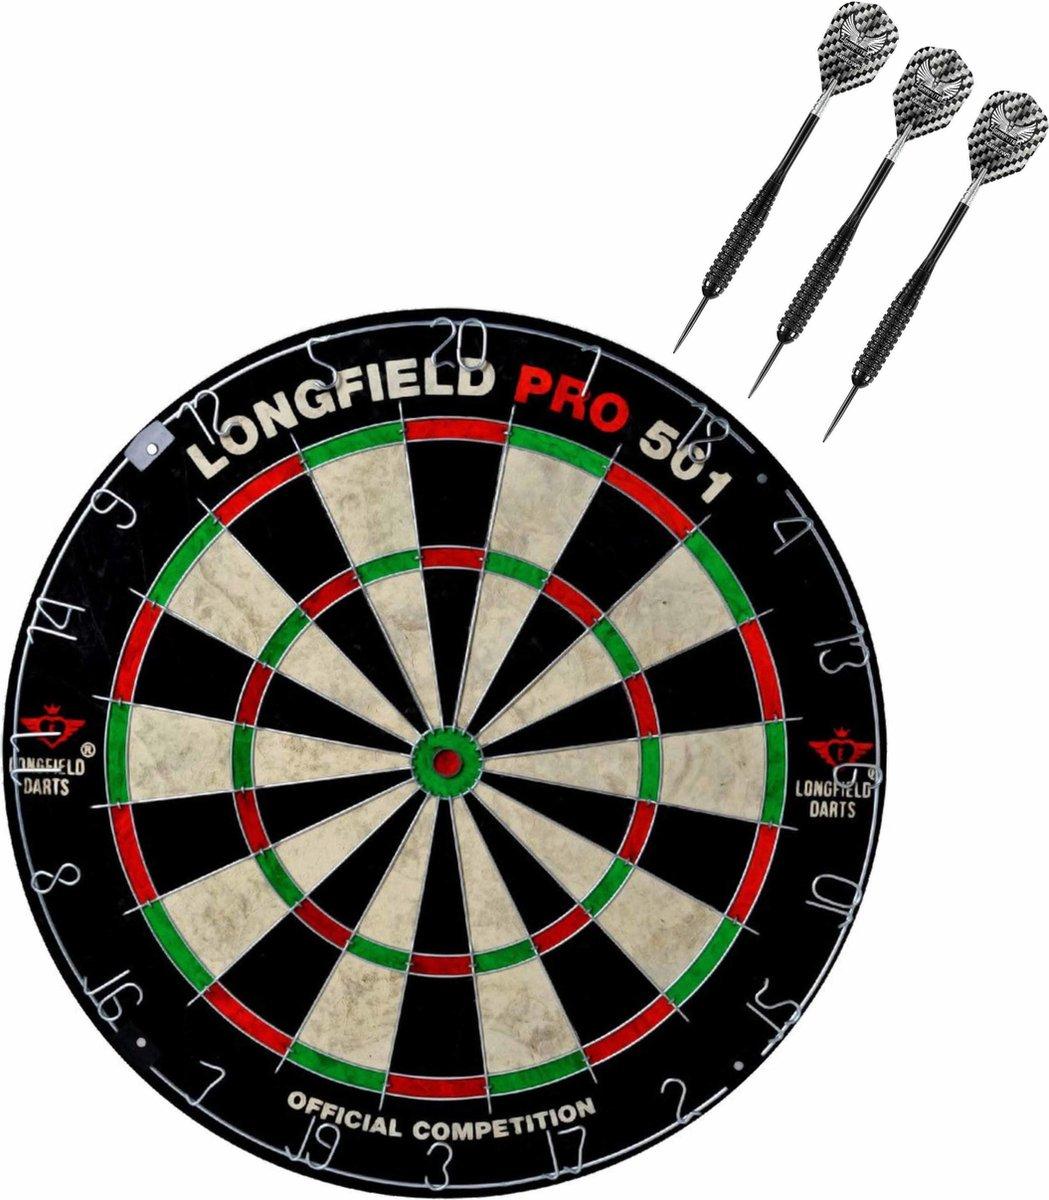 Dartbord set compleet van diameter 45.5 cm met 3x Black Arrow dartpijlen van 23 gram - Sporten darts